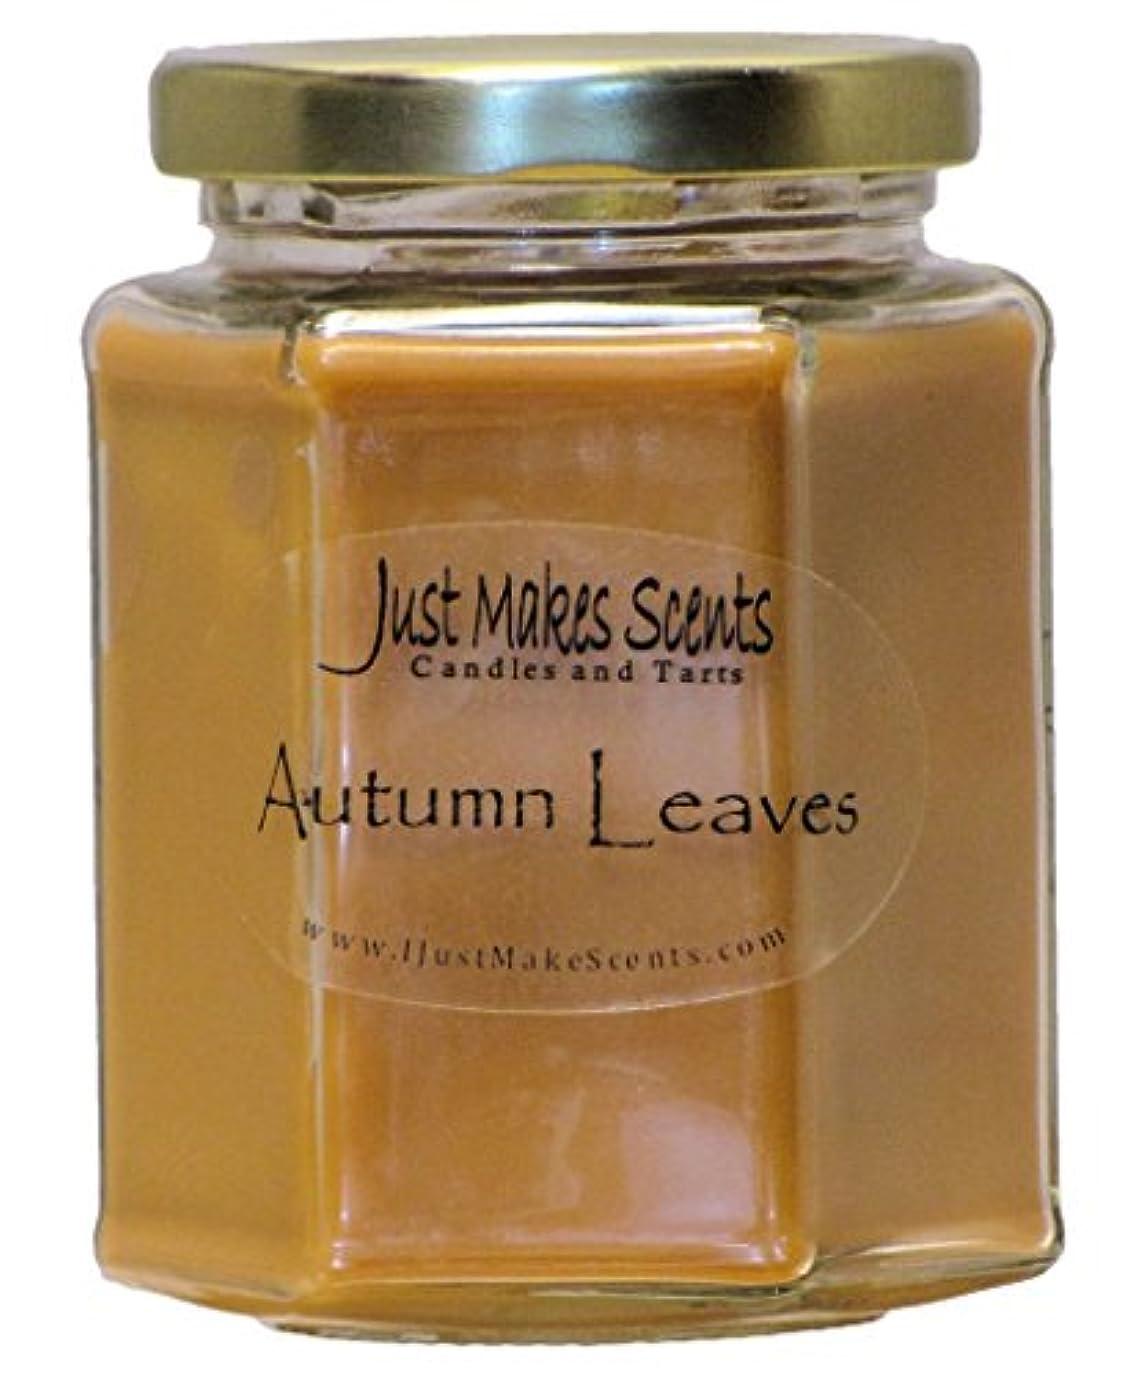 それに応じて地域の拒絶Autumn Leaves香りつきBlended Soy Candle by Just Makes Scents